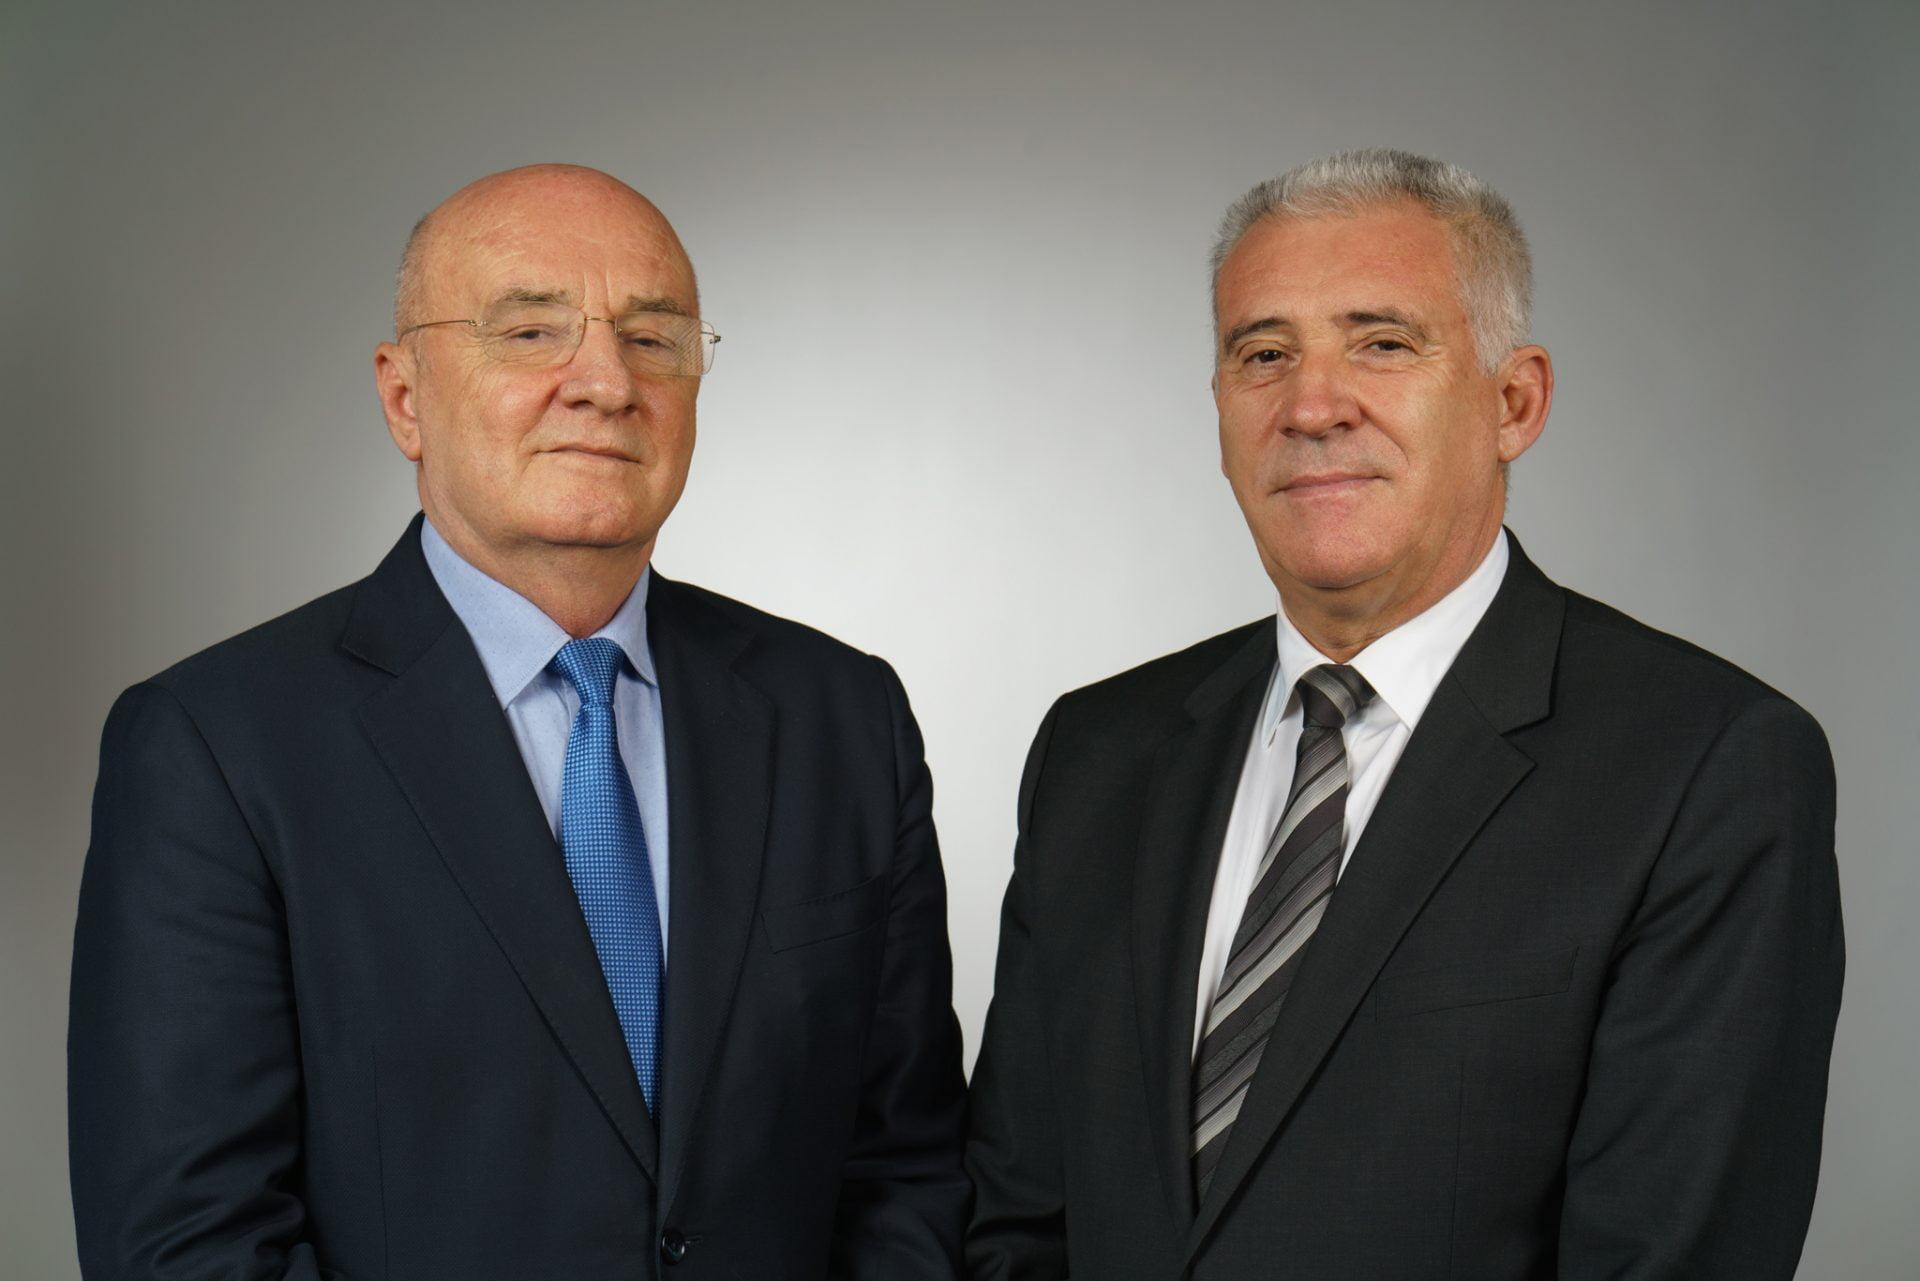 PMP Dolj propune alegătorilor o Românie Unită şi puternică